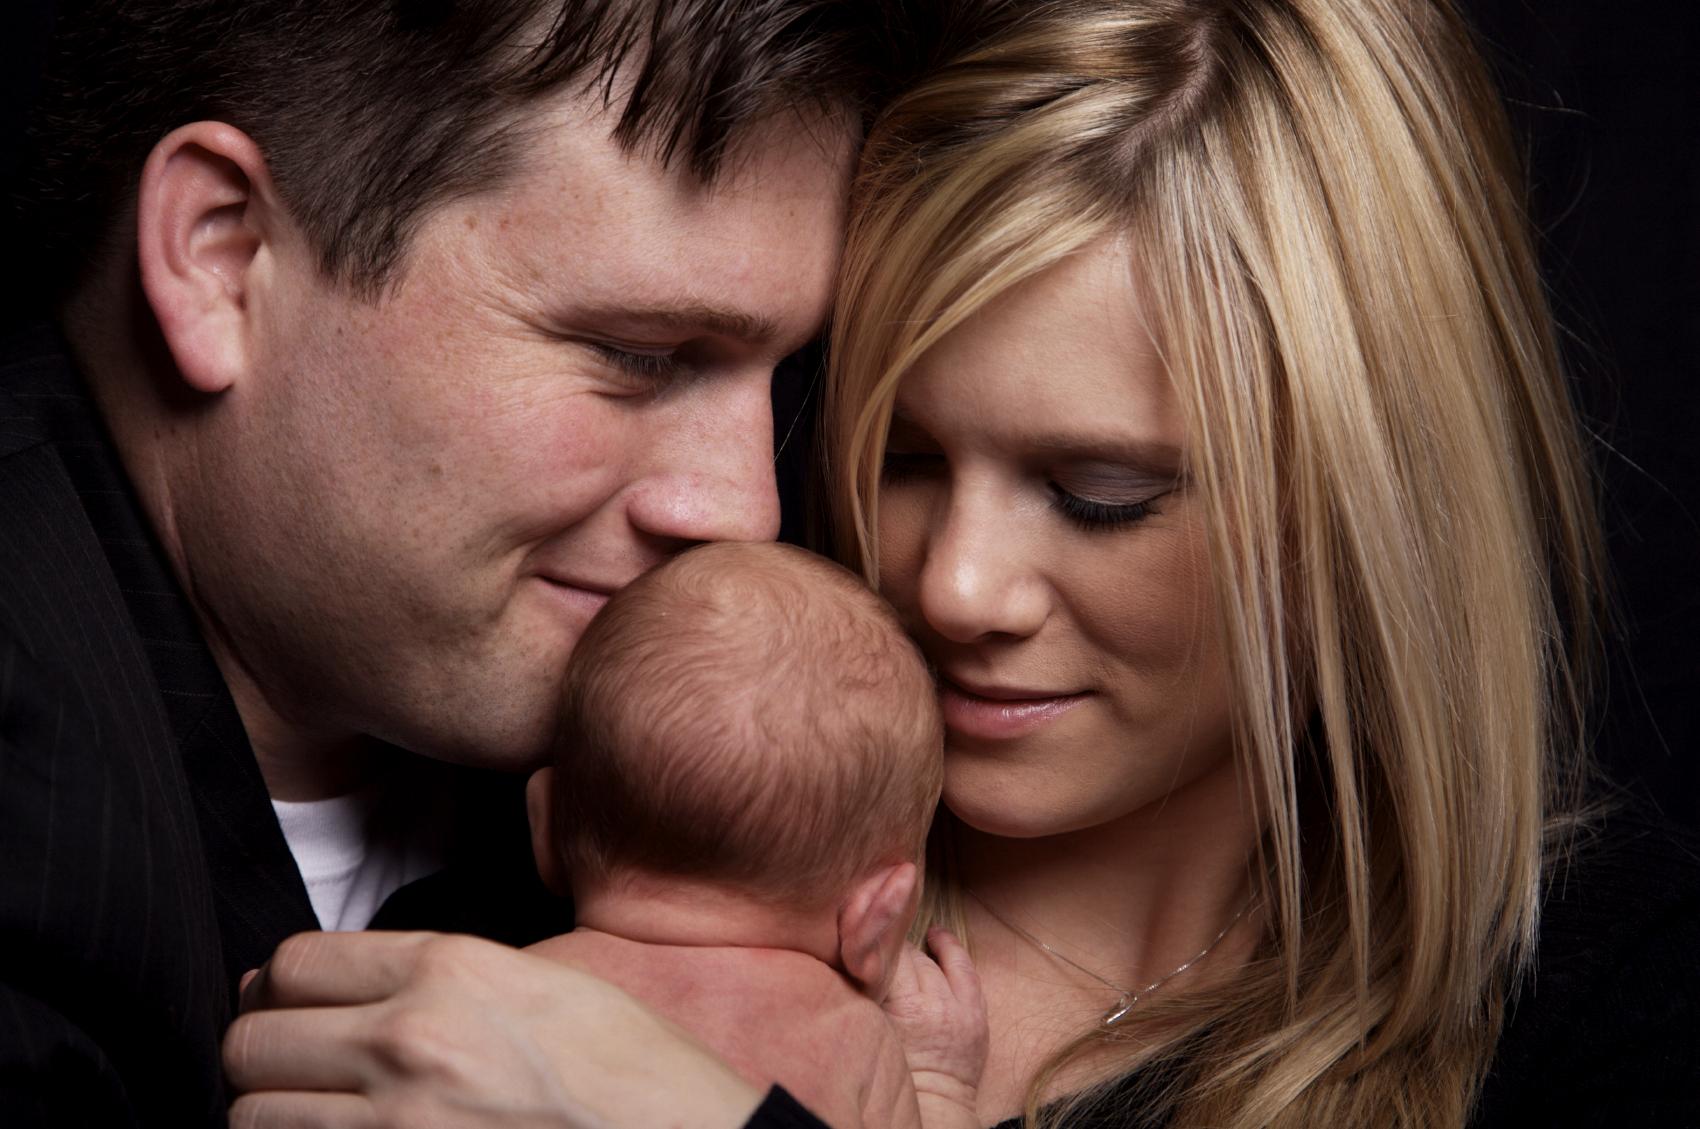 مردان تعیین کننده جنسیت جنین هستند یا زنان؟